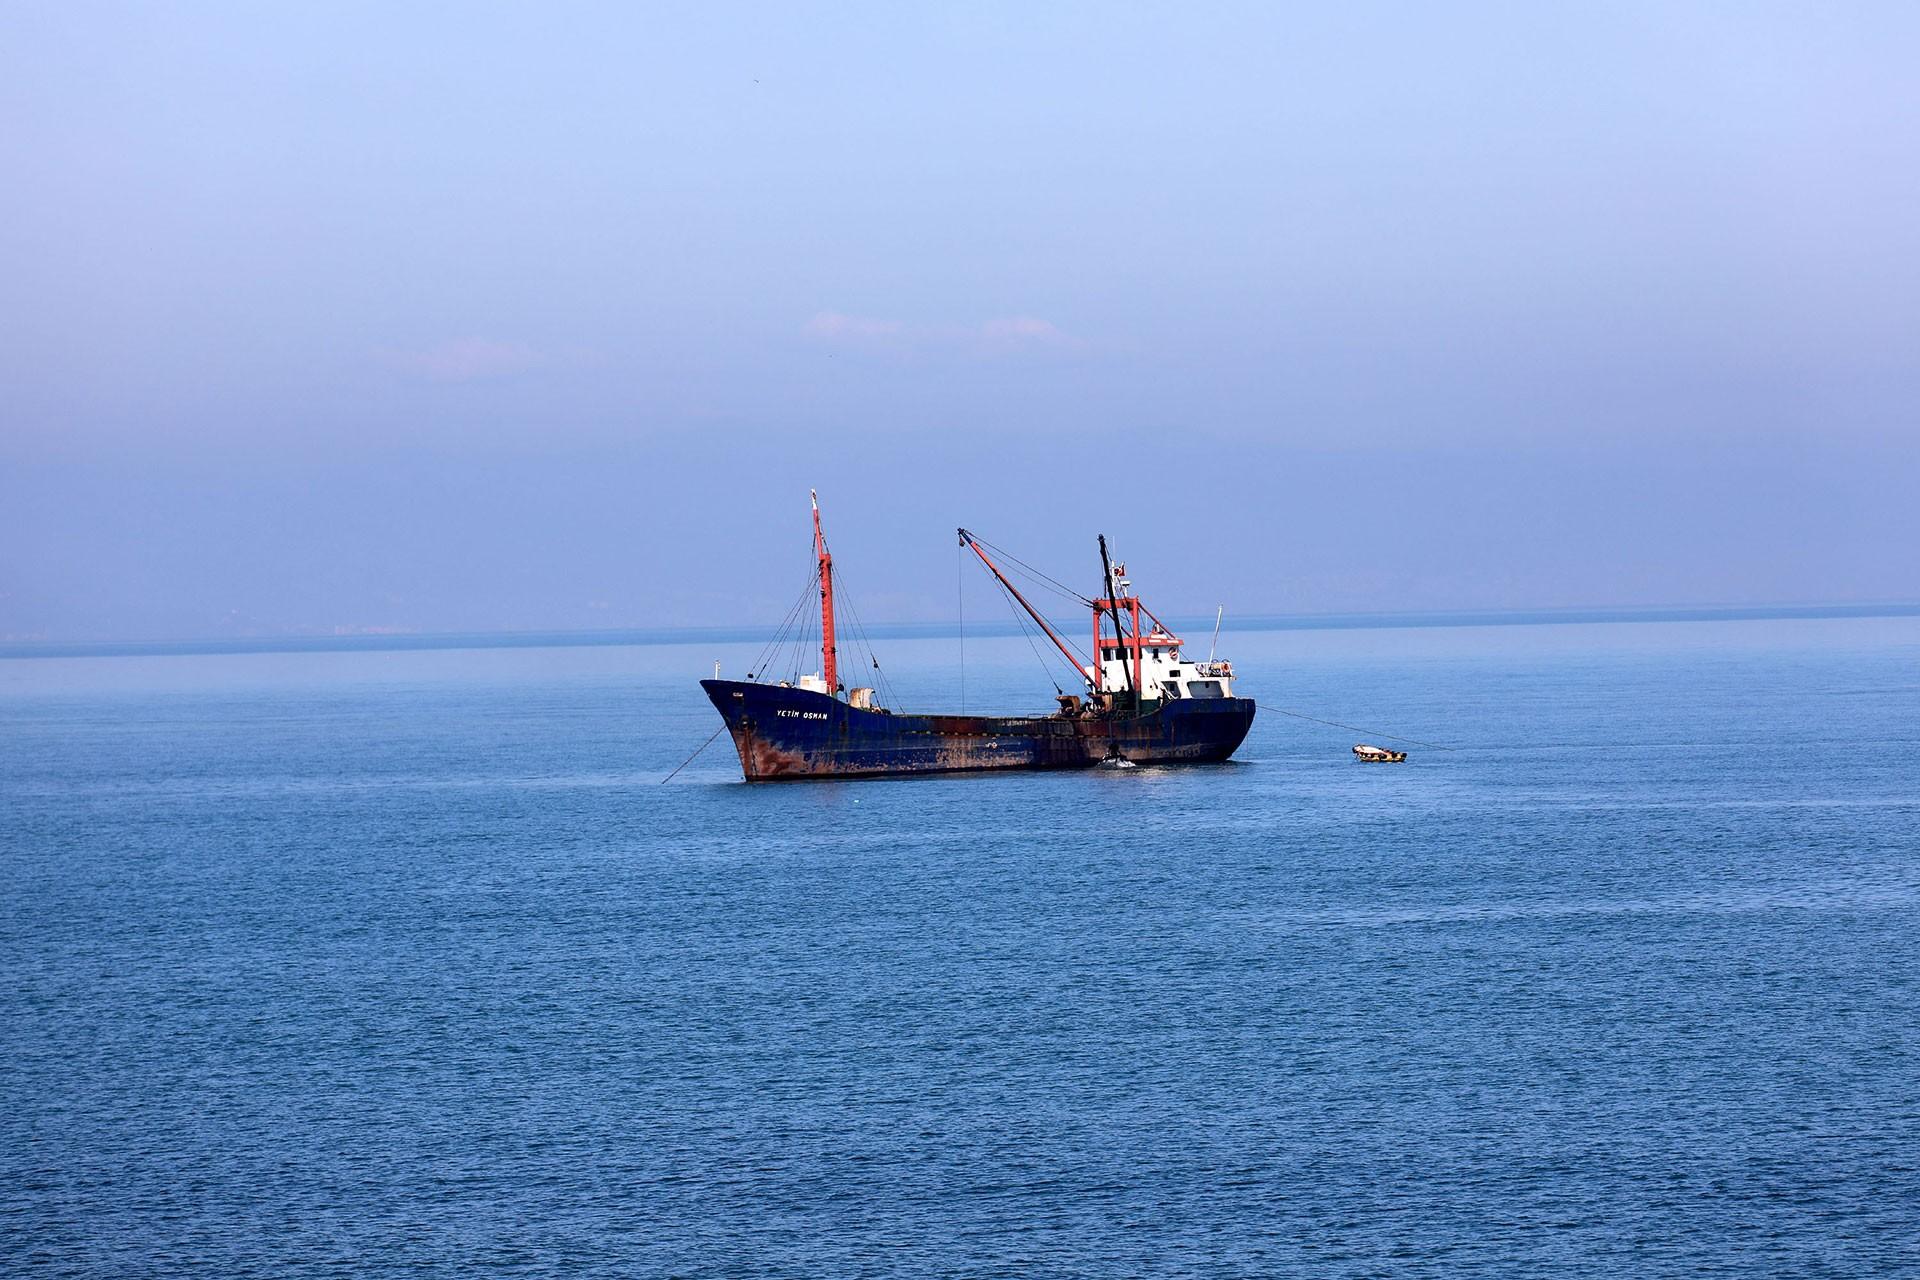 Denizden kontrolsüz kum çekilmesi Karadeniz kıyılarında erozyona neden oldu